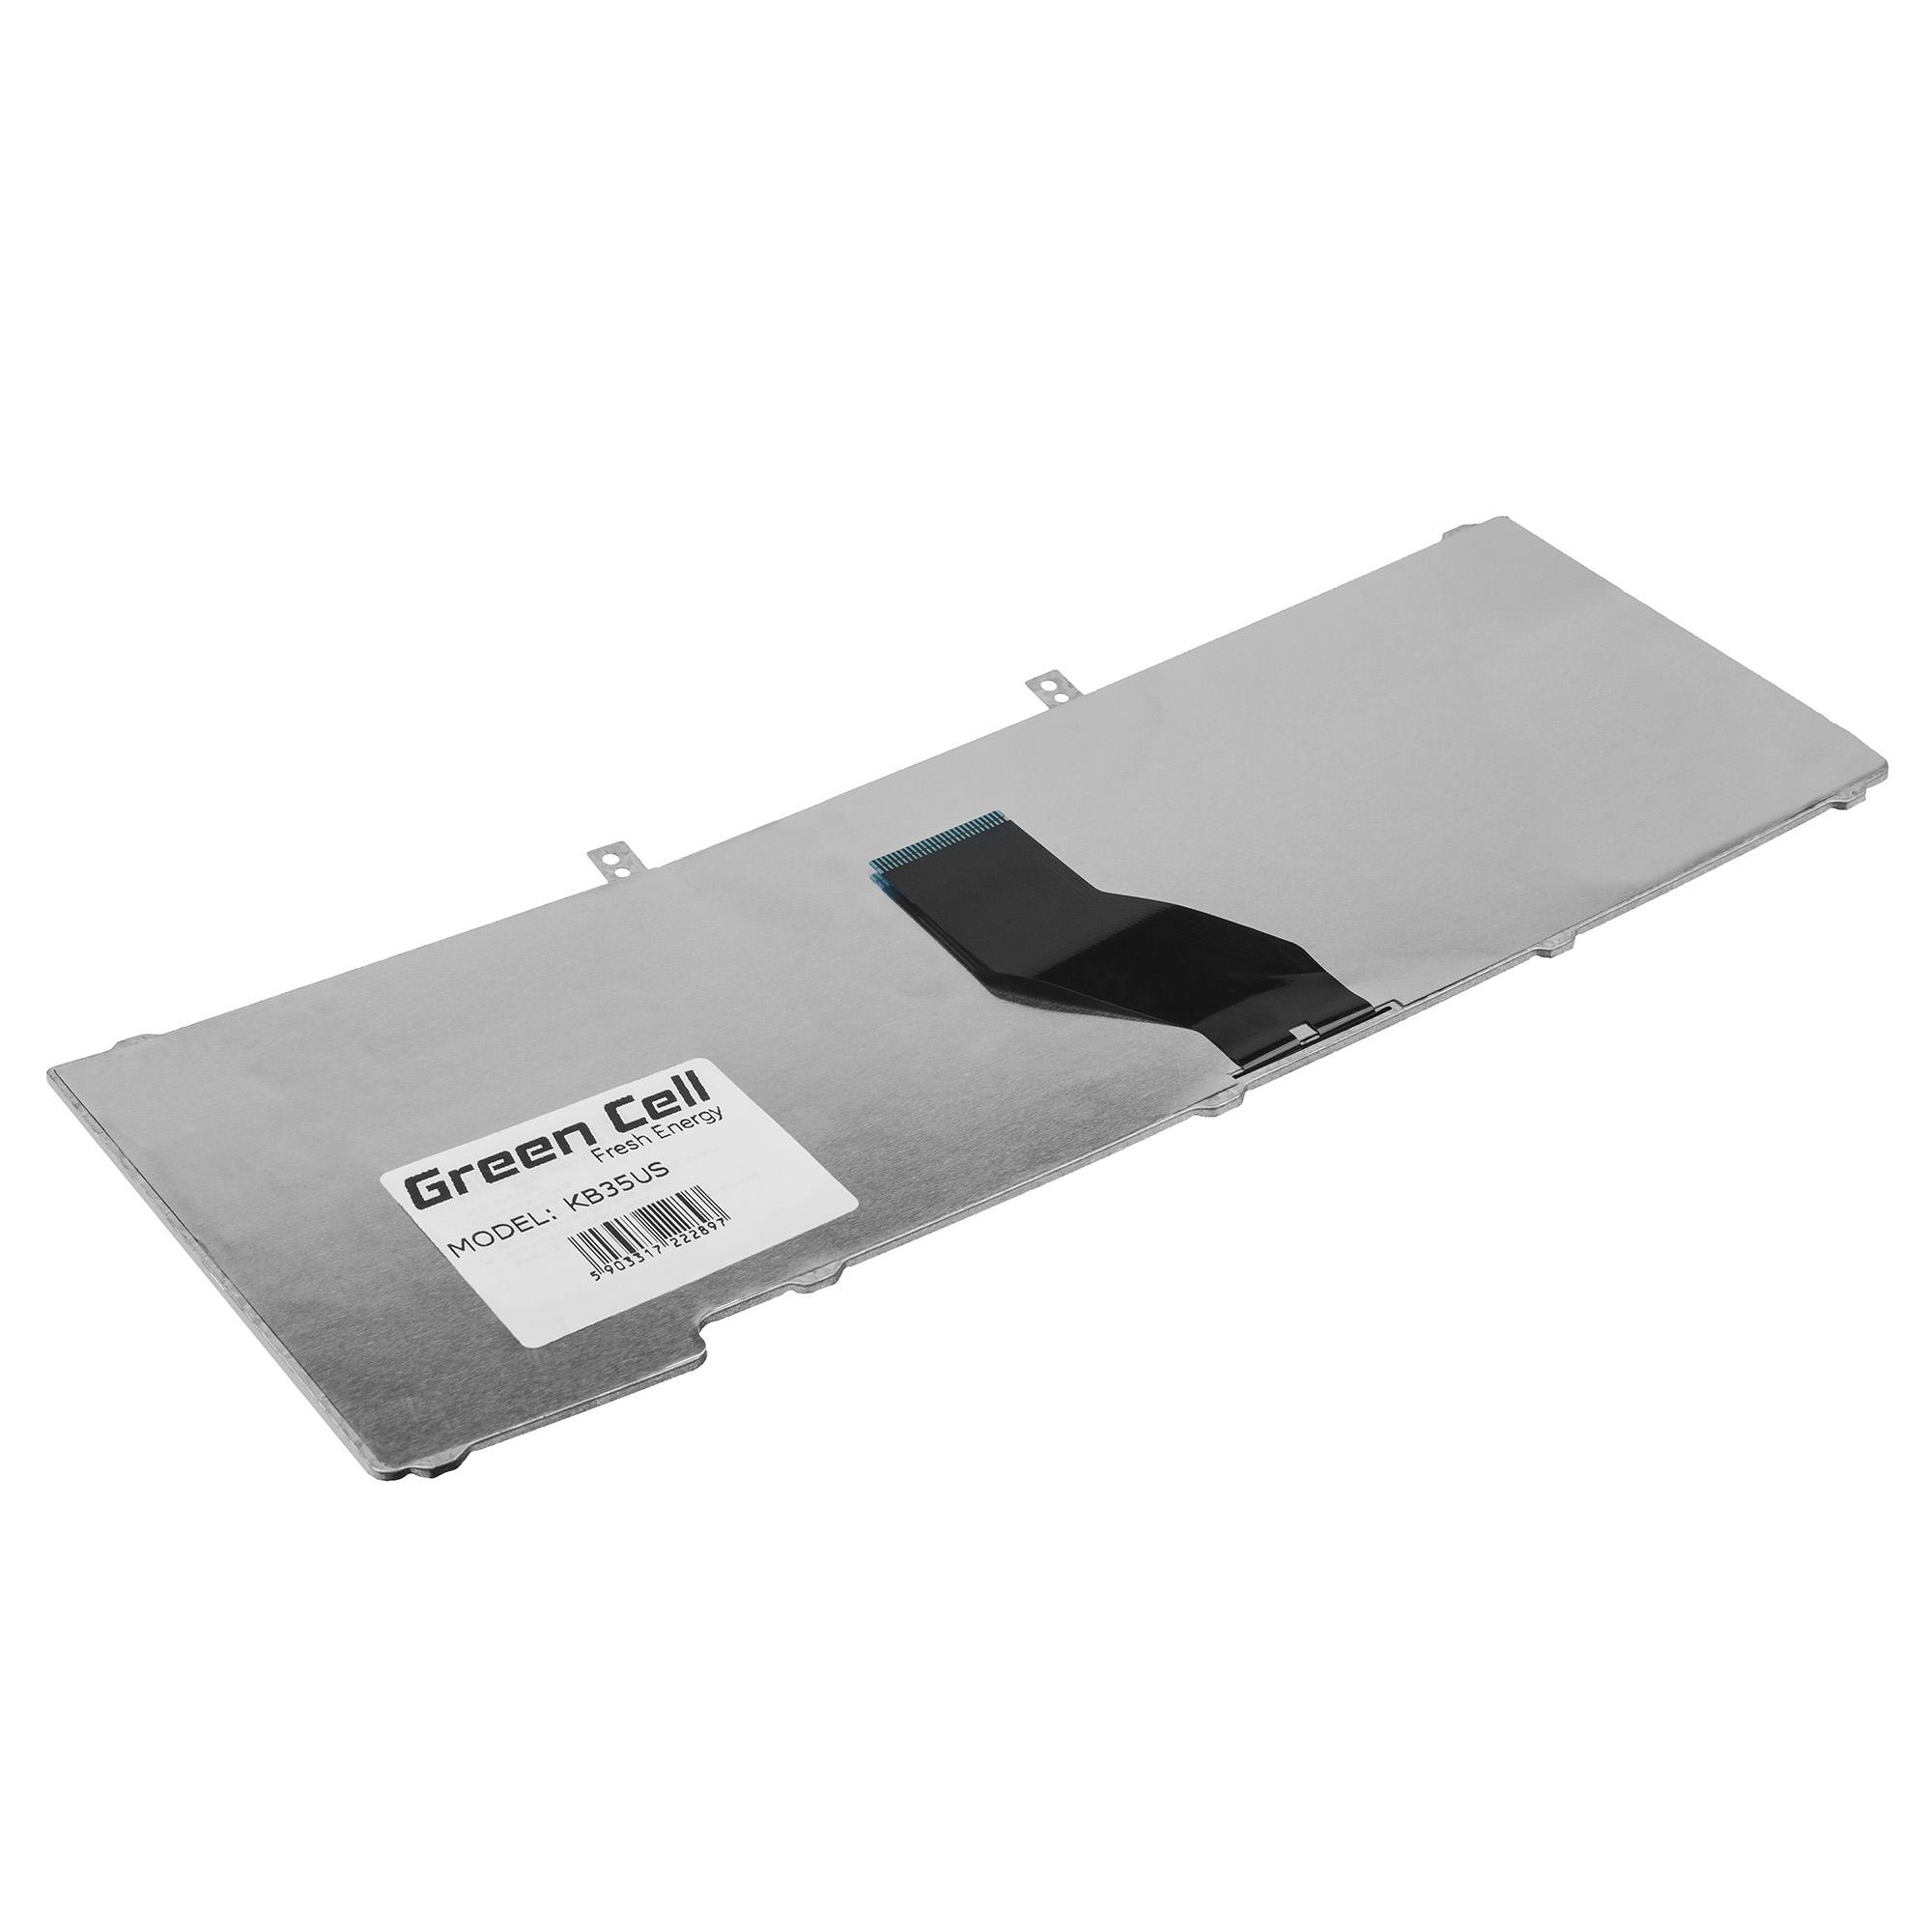 Clavier-pour-Ordinateur-Acer-Extensa-5320-101G12MI-QWERTY-US-English